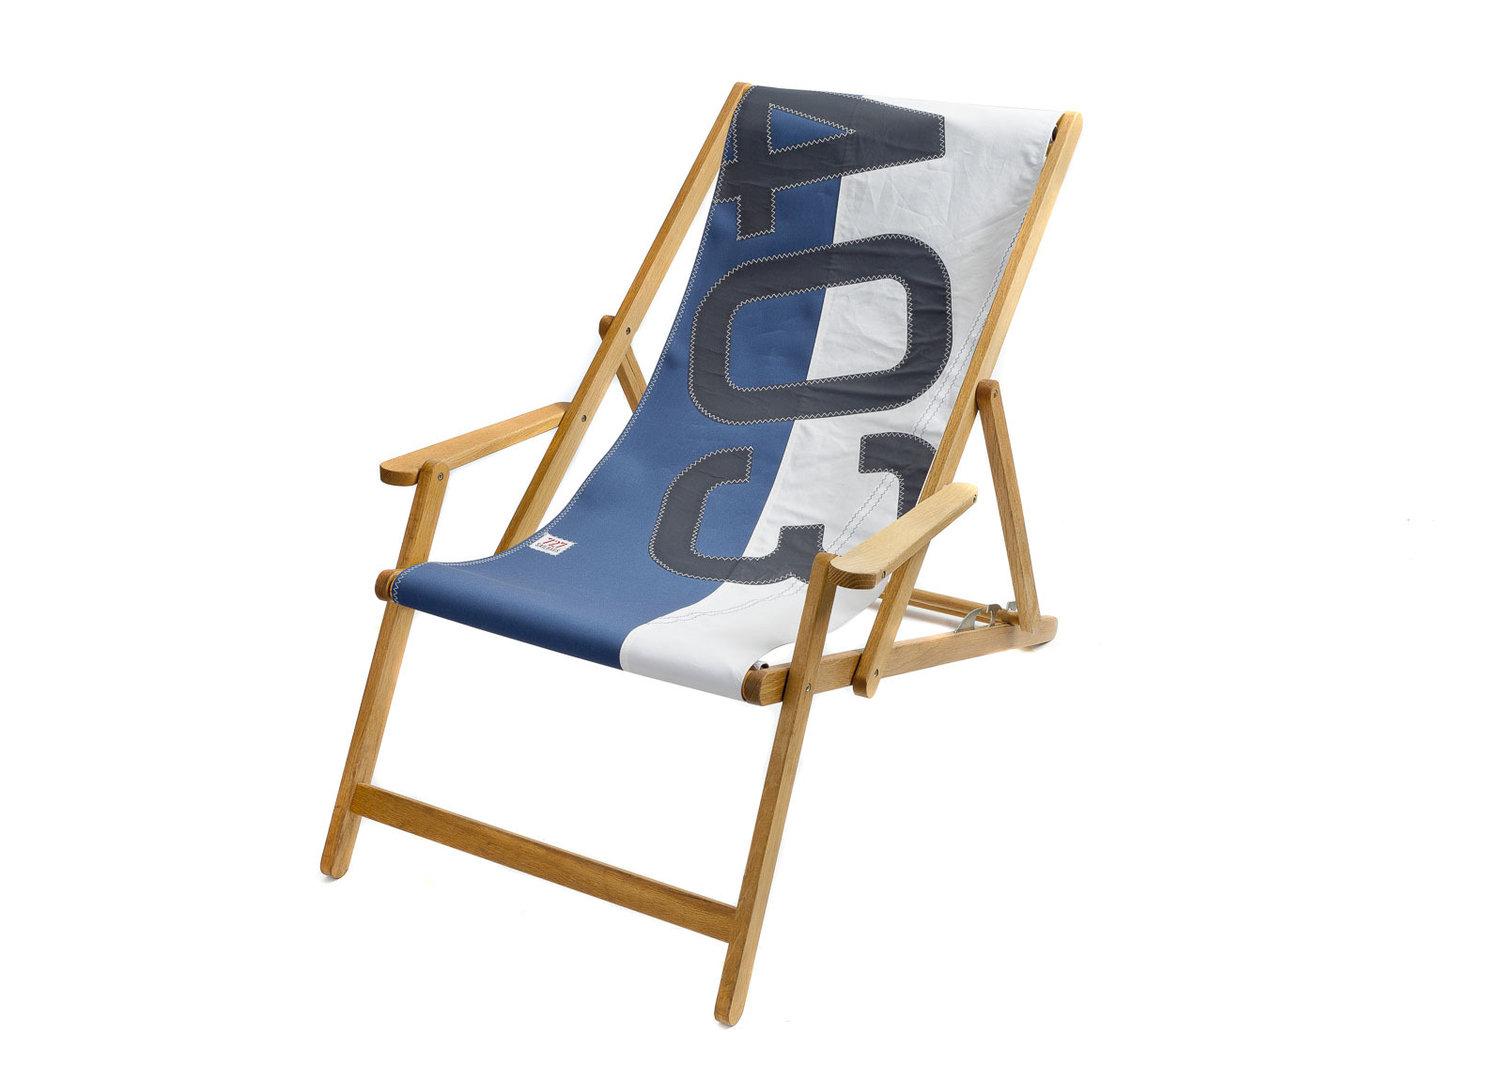 Sedia A Sdraio Tessuto : Sedie a sdraio di legno e tela venezia sedia a sdraio by il